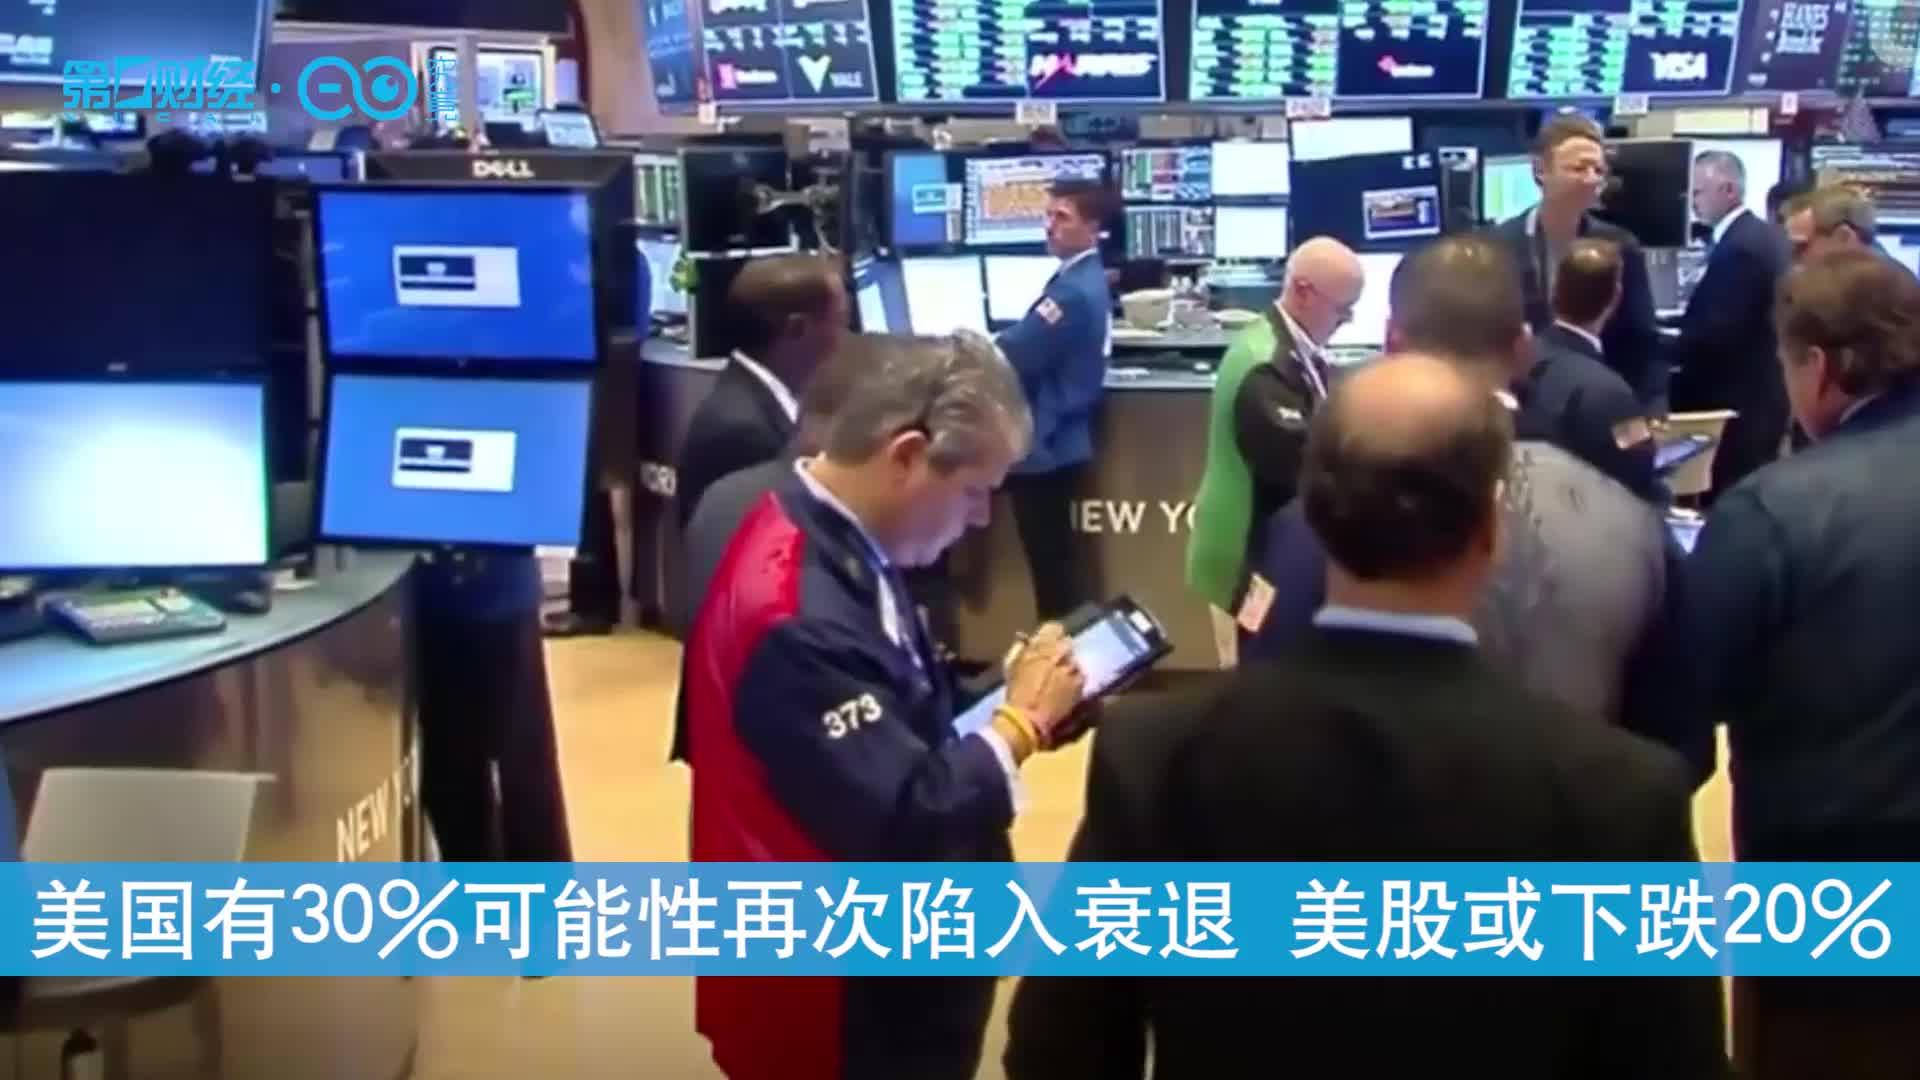 美国前财长萨默斯:美国有30%可能性再次陷入衰退 美股或下跌20%丨大咖录